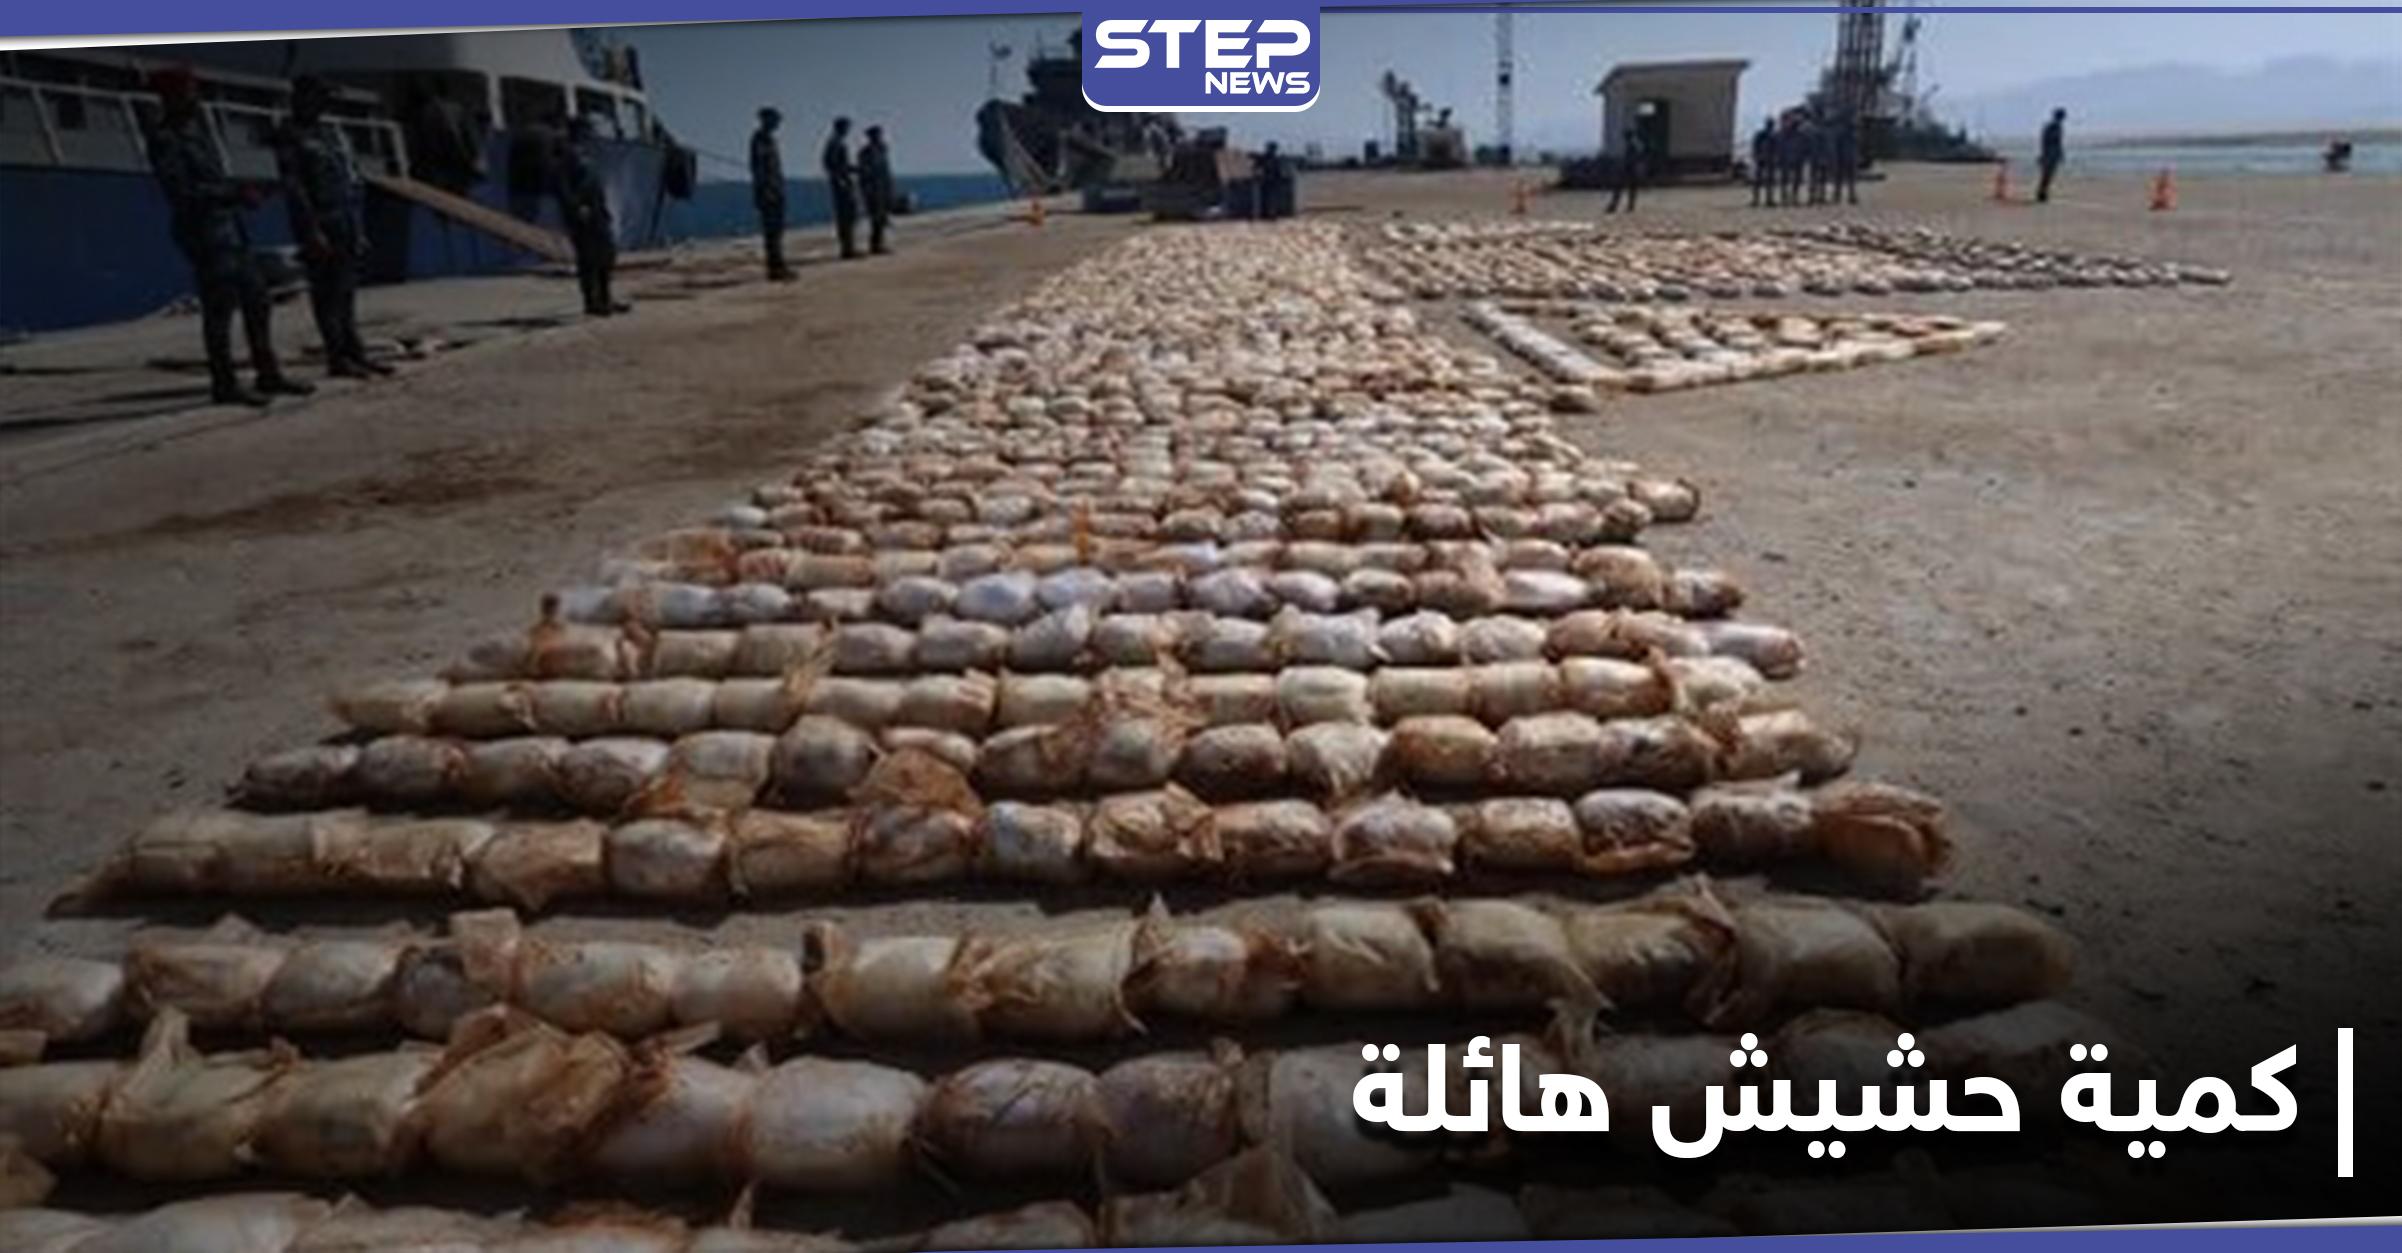 """ضبط """"أكبر شحنة مخدرات"""" قادمة من لبنان باتجاه ليبيا"""